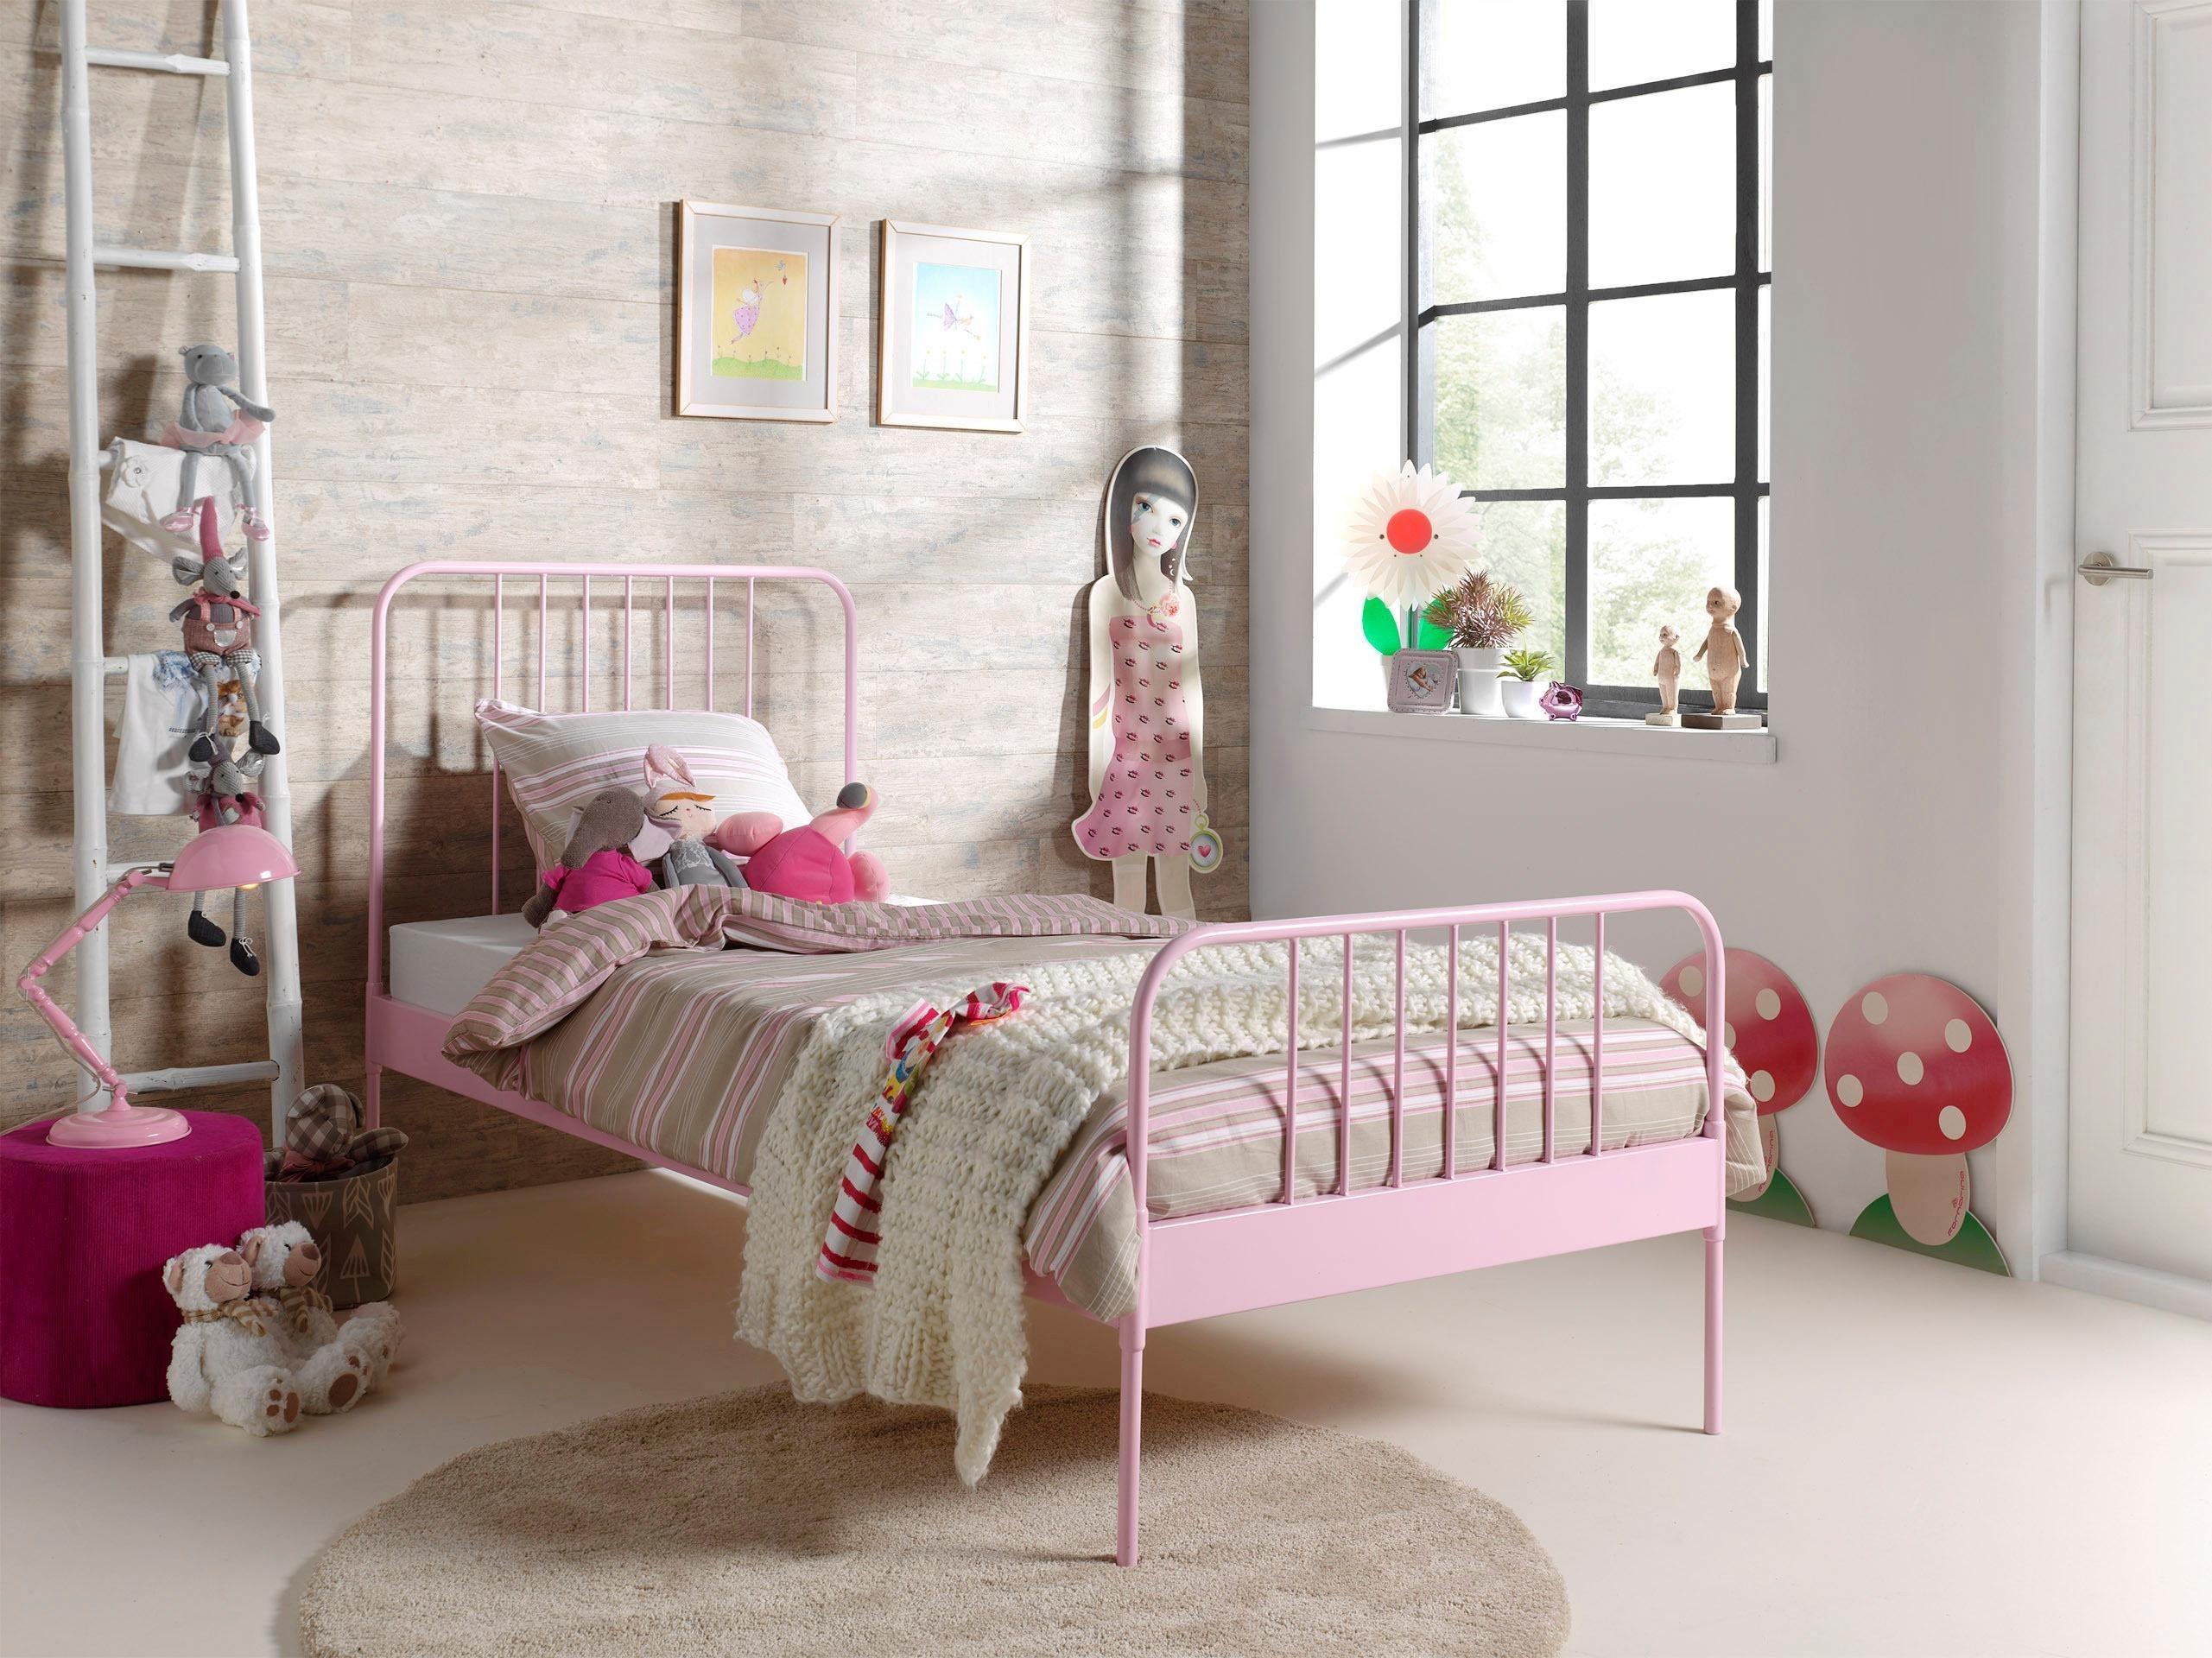 einzelbett ohne lattenrost preisvergleich die besten angebote online kaufen. Black Bedroom Furniture Sets. Home Design Ideas